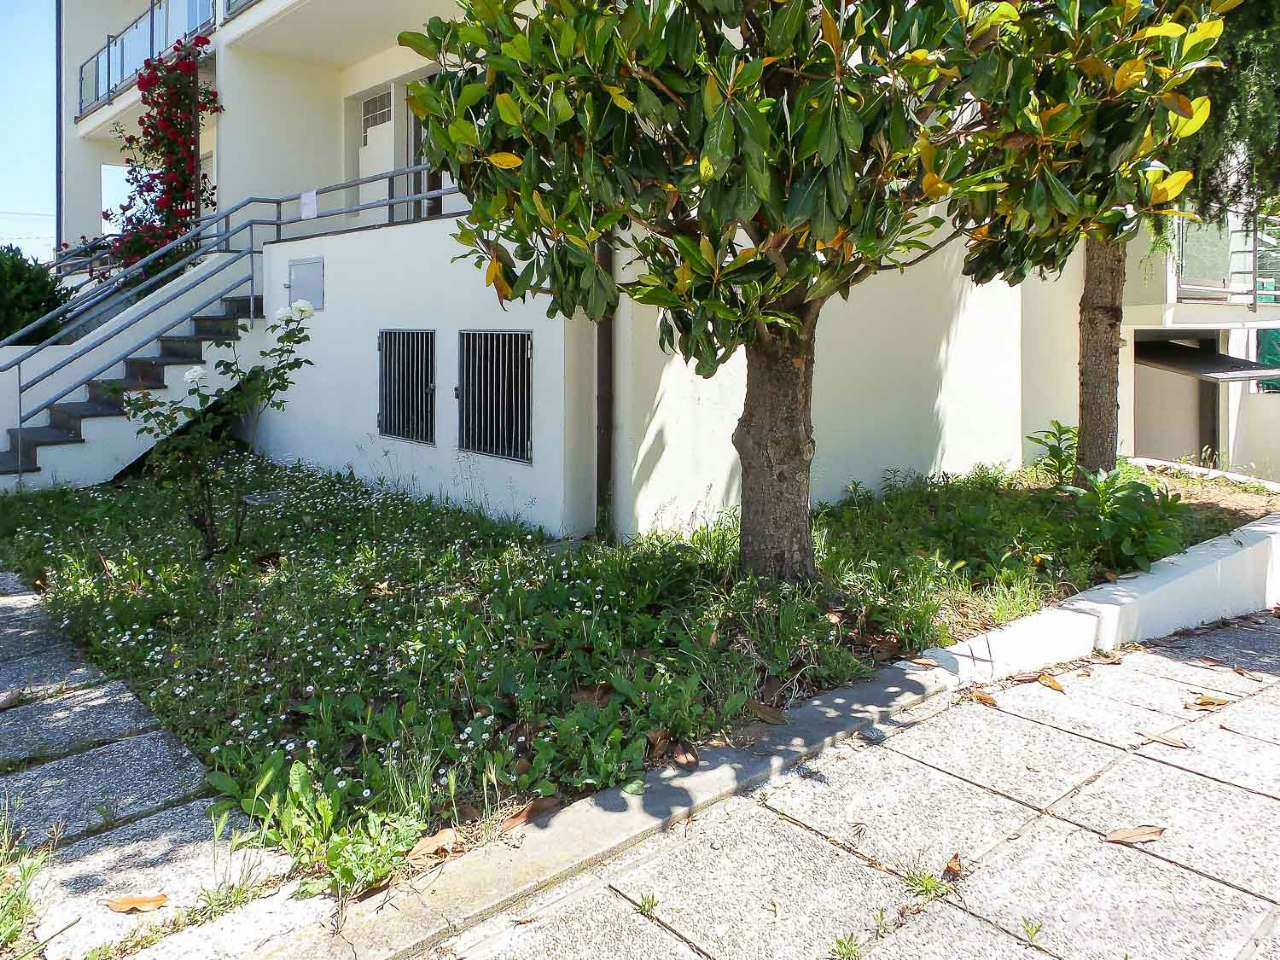 Villa Bifamiliare in vendita a Cesena, 7 locali, prezzo € 200.000   CambioCasa.it